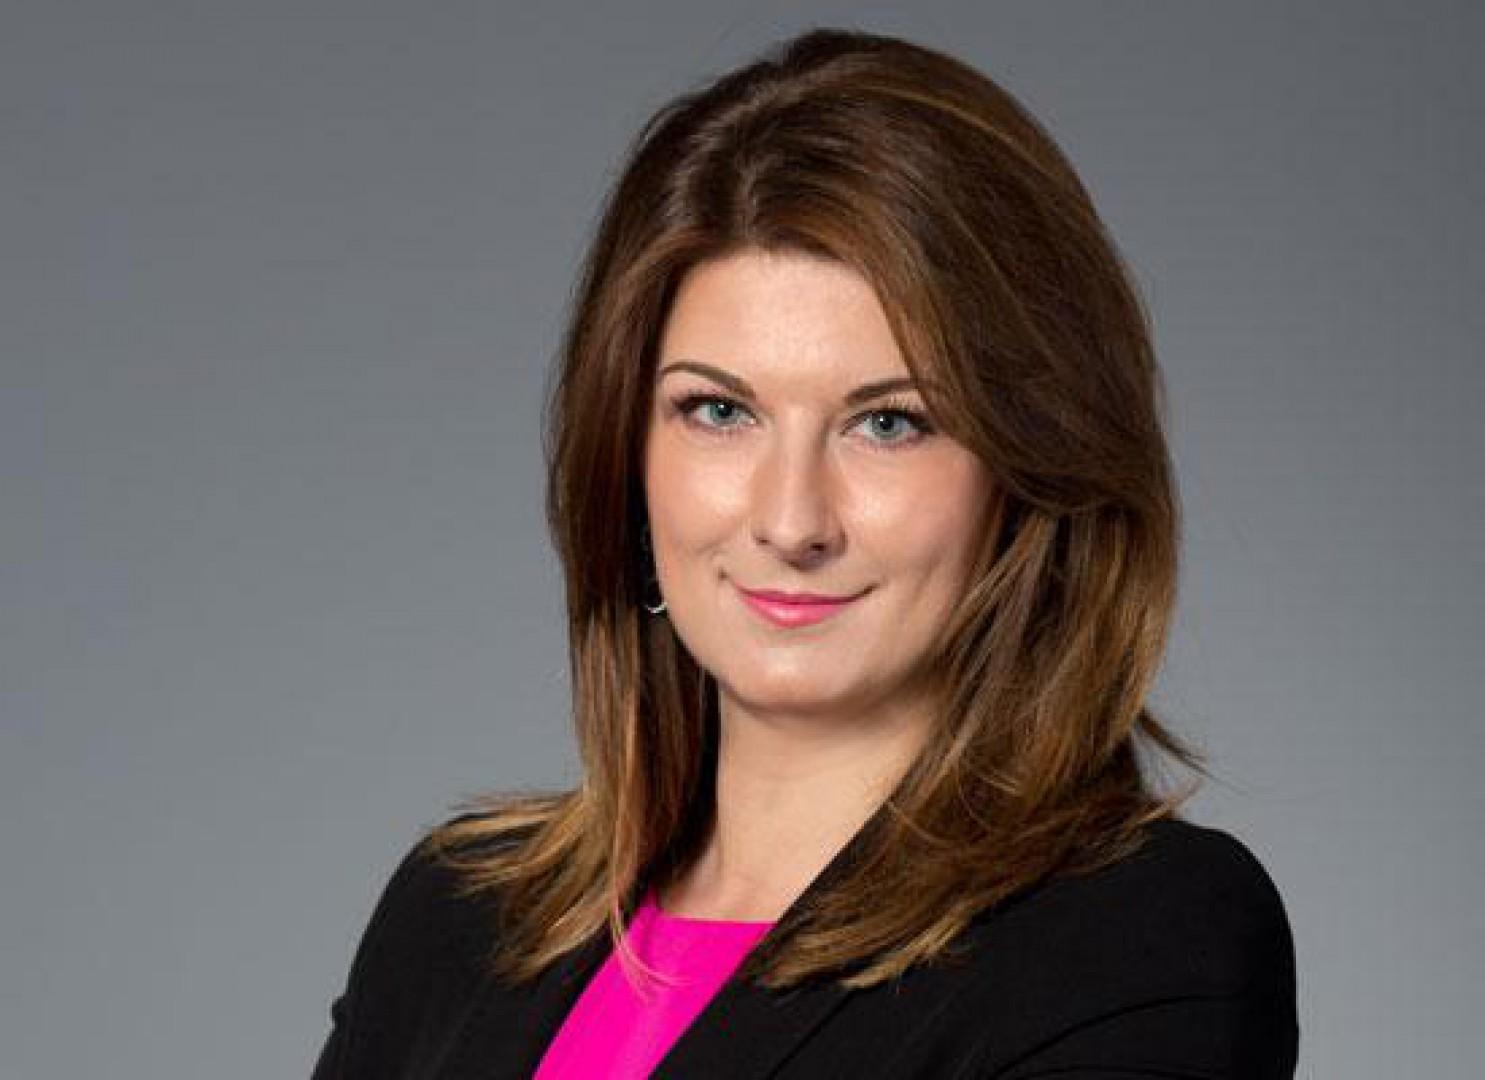 Karolina Manikowska, Dyrektor Działu Badań i Konsultingu Przestrzeni Pracy w Grupie Nowy Styl